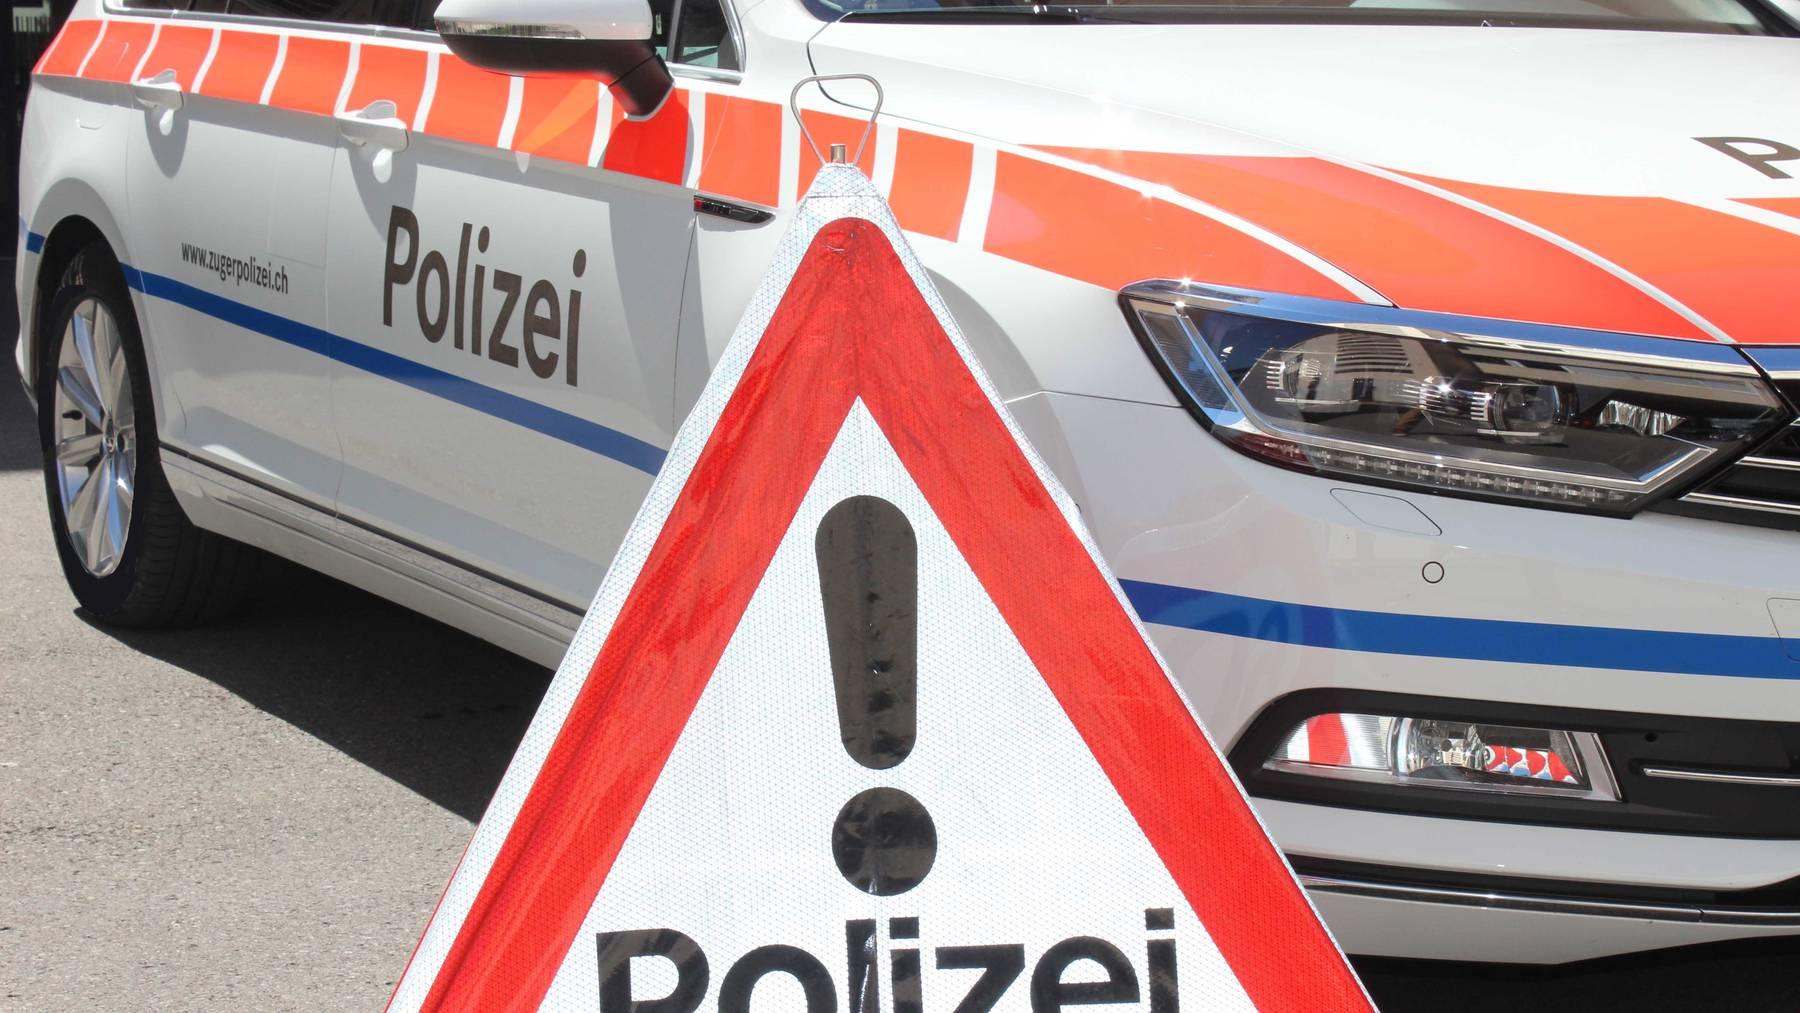 Die Polizeien der Kantone Zug und Zürich haben gemeinsam einen Dieb dingfest gemacht, der mit dem E-Bike auf der Autobahn unterwegs war. (Symbolbild)